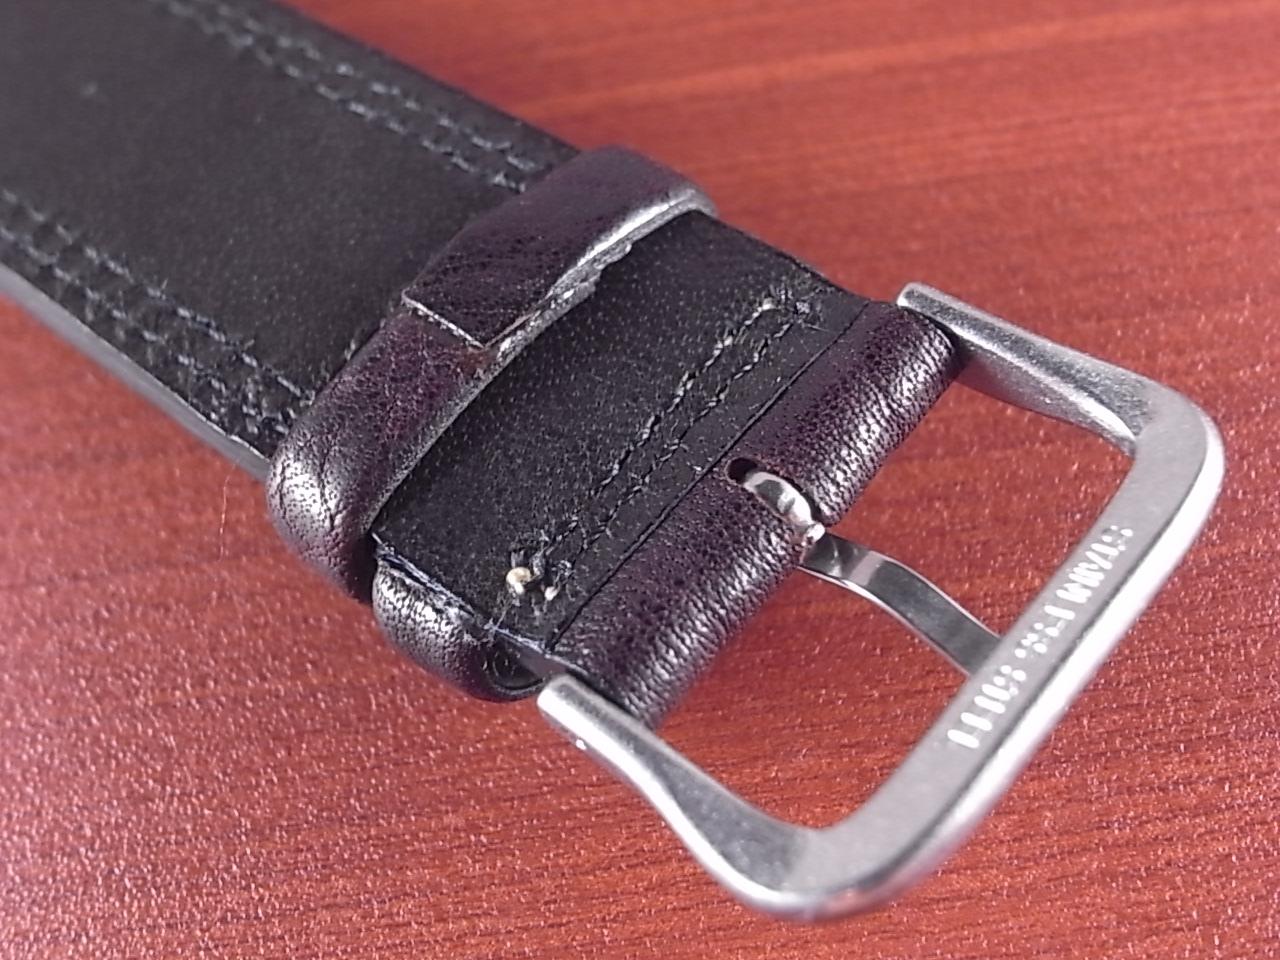 ホースハイド 革ベルト  Wステッチ ダークブラウン 18、20mmの写真4枚目